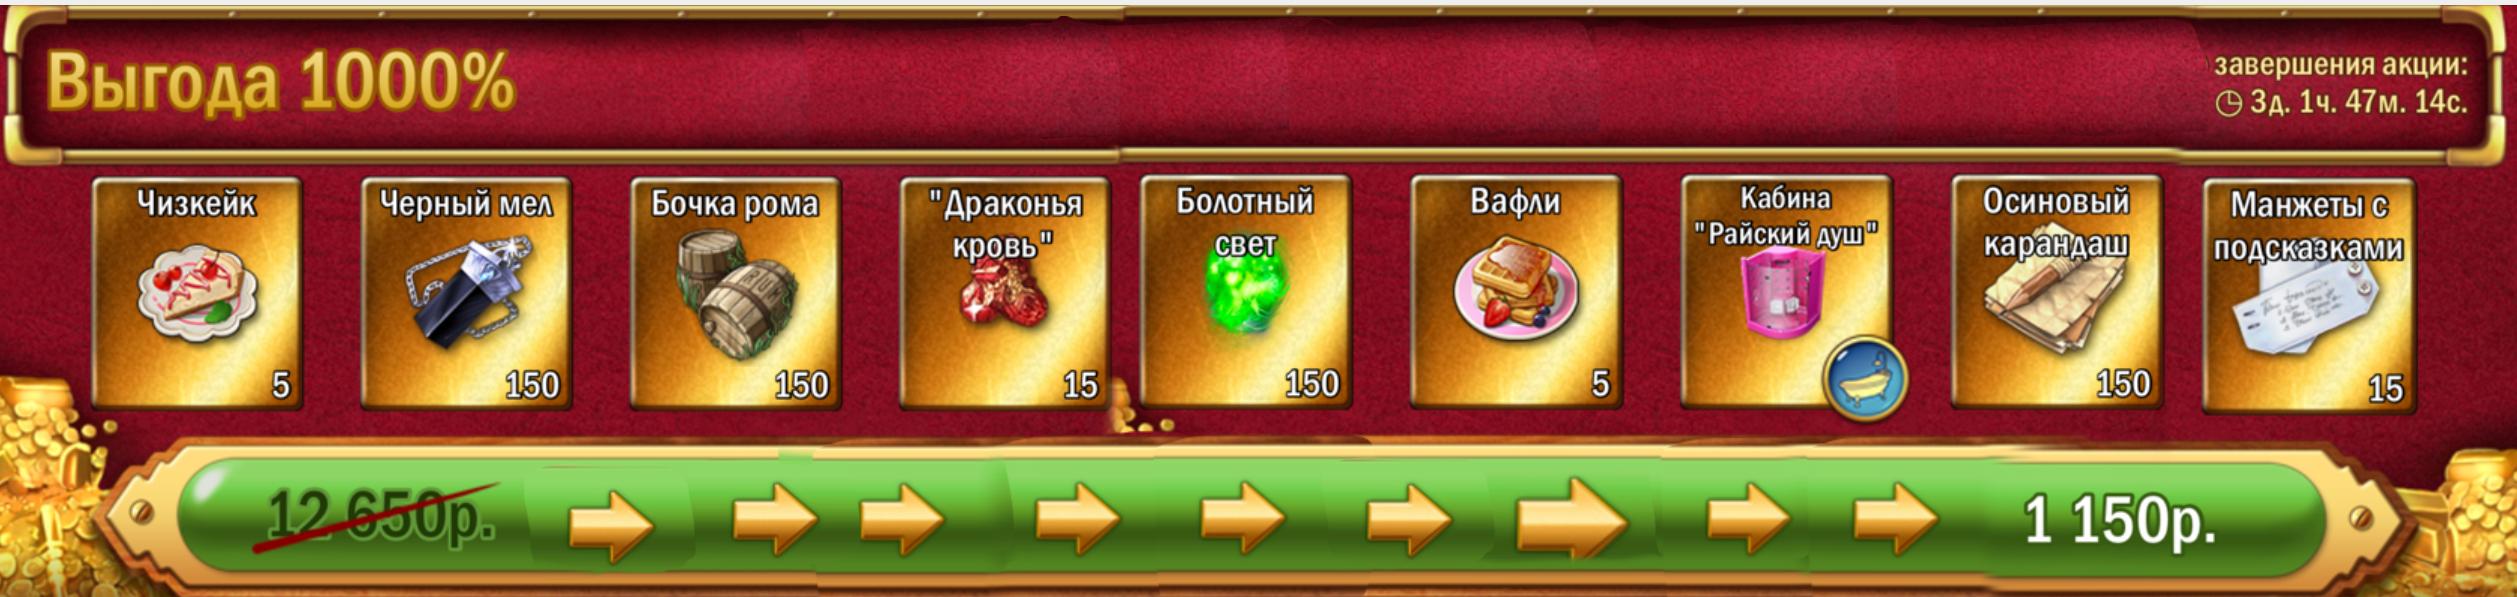 http://s9.uploads.ru/0QcpB.jpg